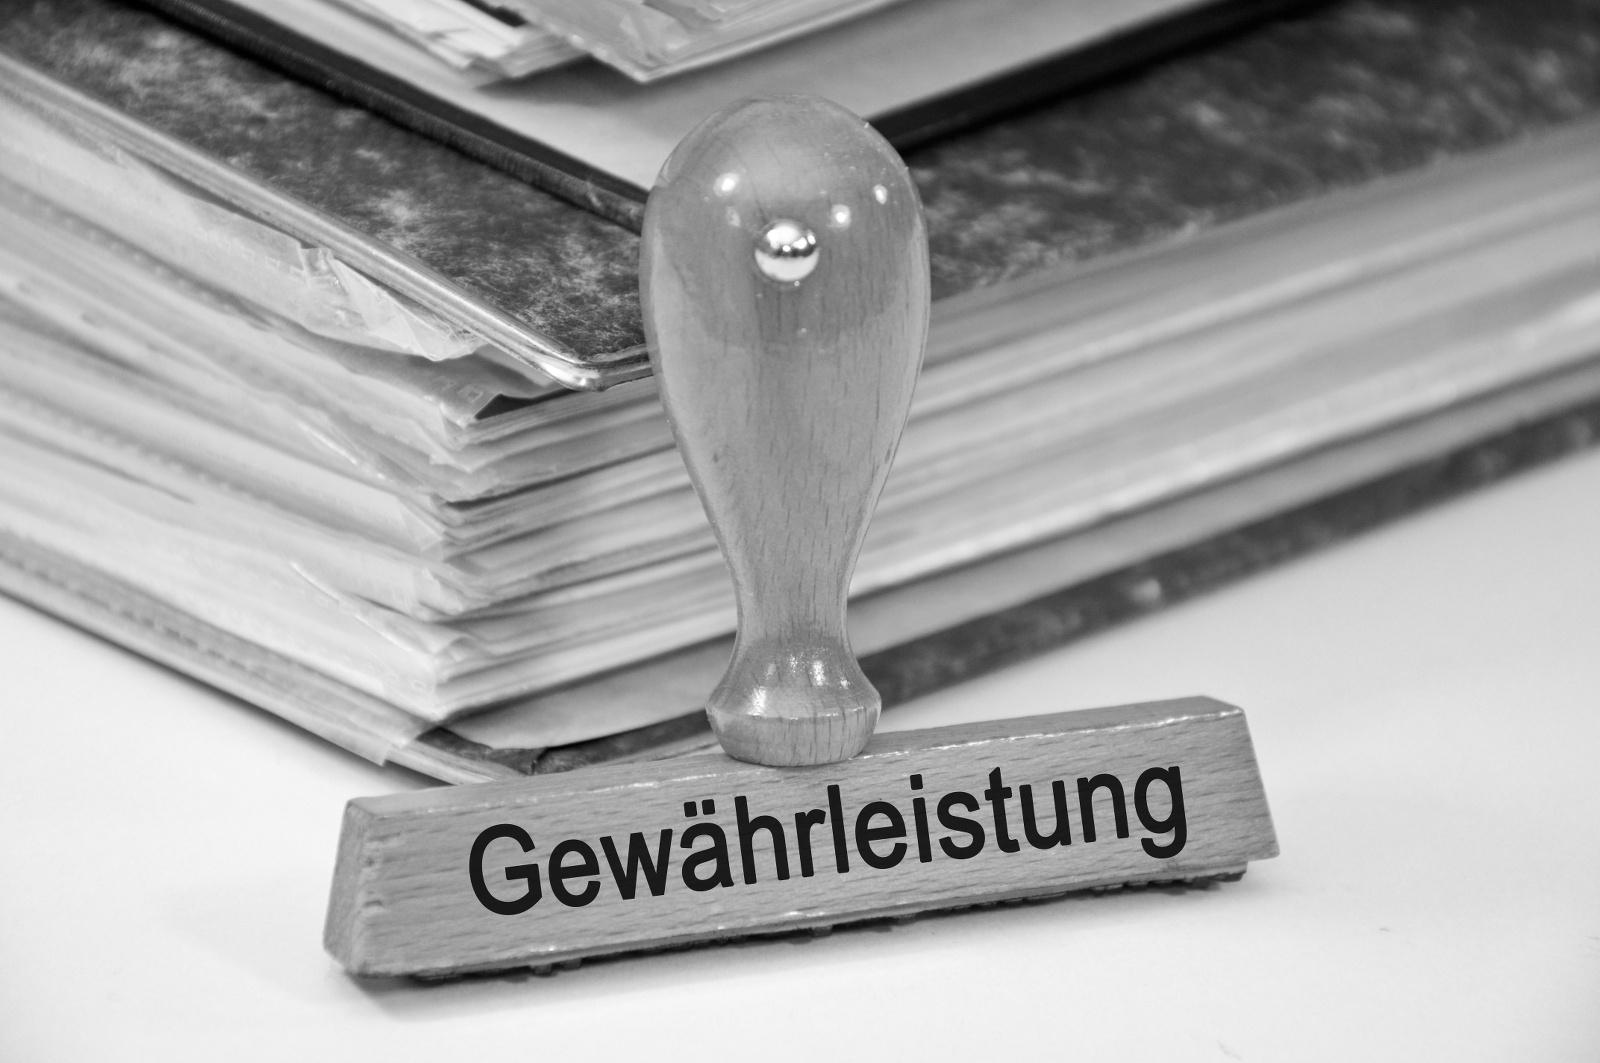 Rechtsanwalt Innsbruck, Mag. Anna Spiegl. Rechtsanwaltskanzlei für Schadenersatz und Gewährleistung Innsbruck. Mag. Anna Spiegl, Rechtsanwalt Innsbruck.